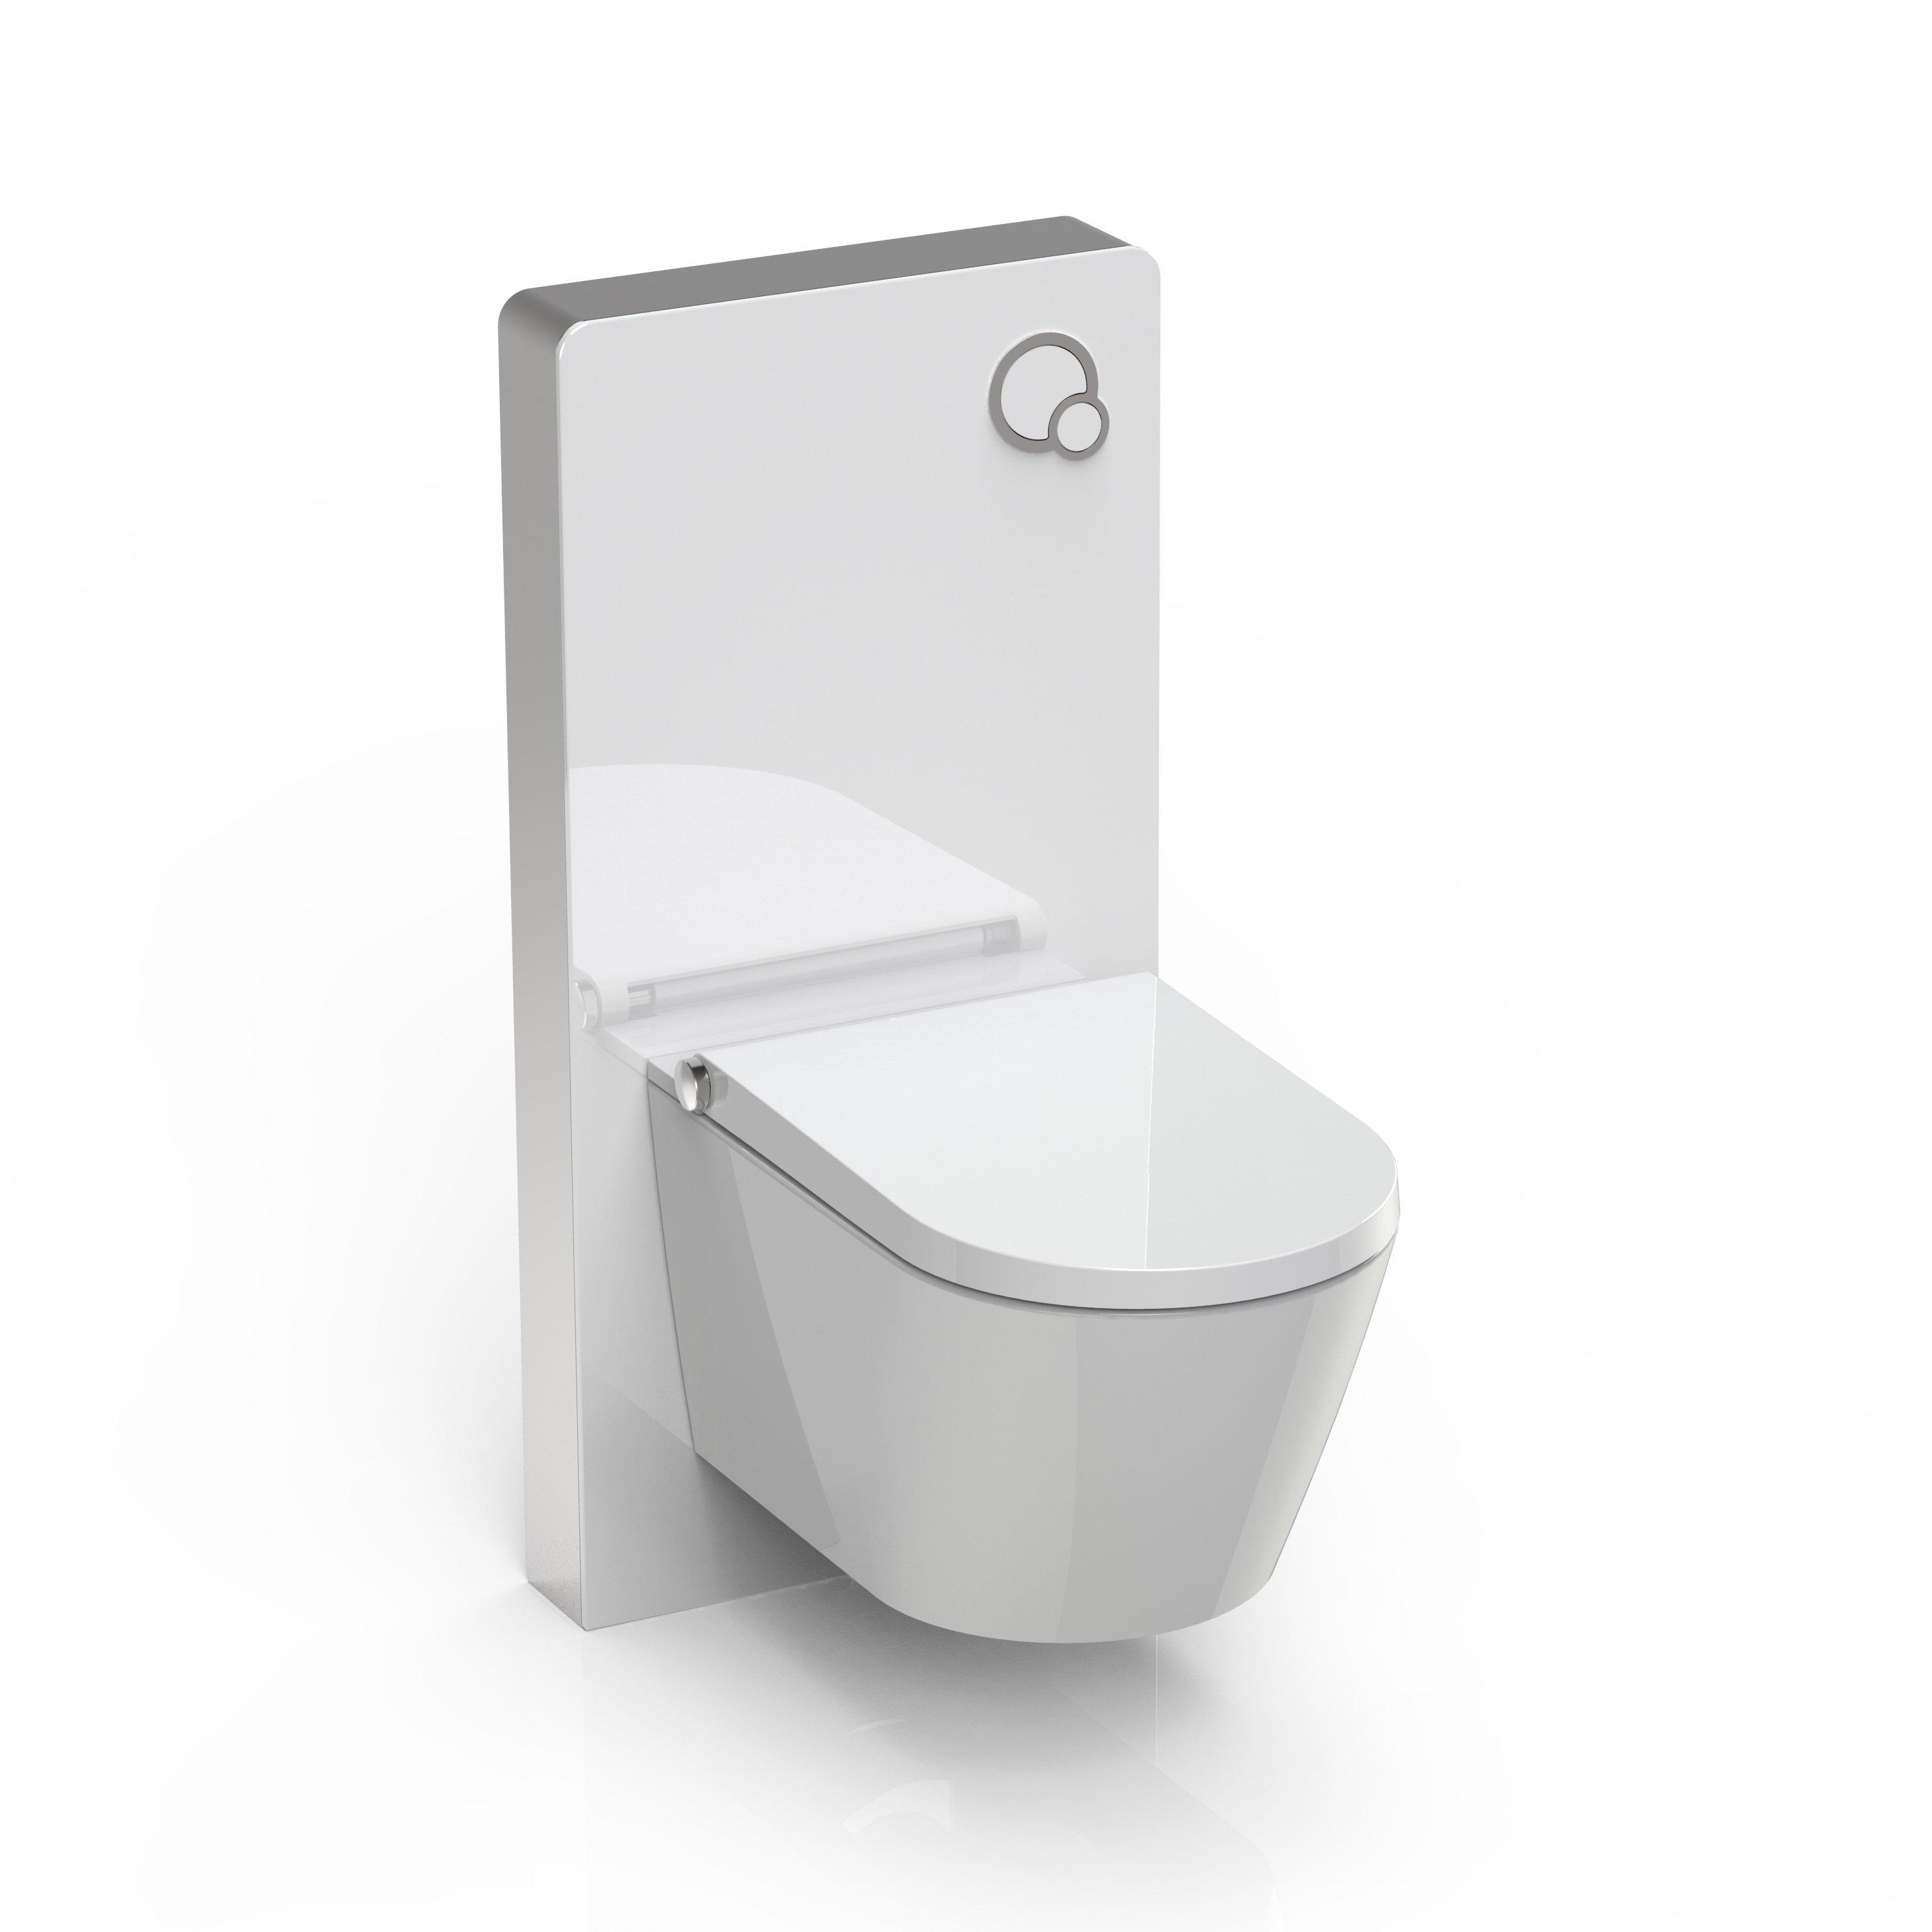 Sanitärmodul 805 für Wand-WC - Weiß - Inkl. Betätigungsplatte zoom thumbnail 4